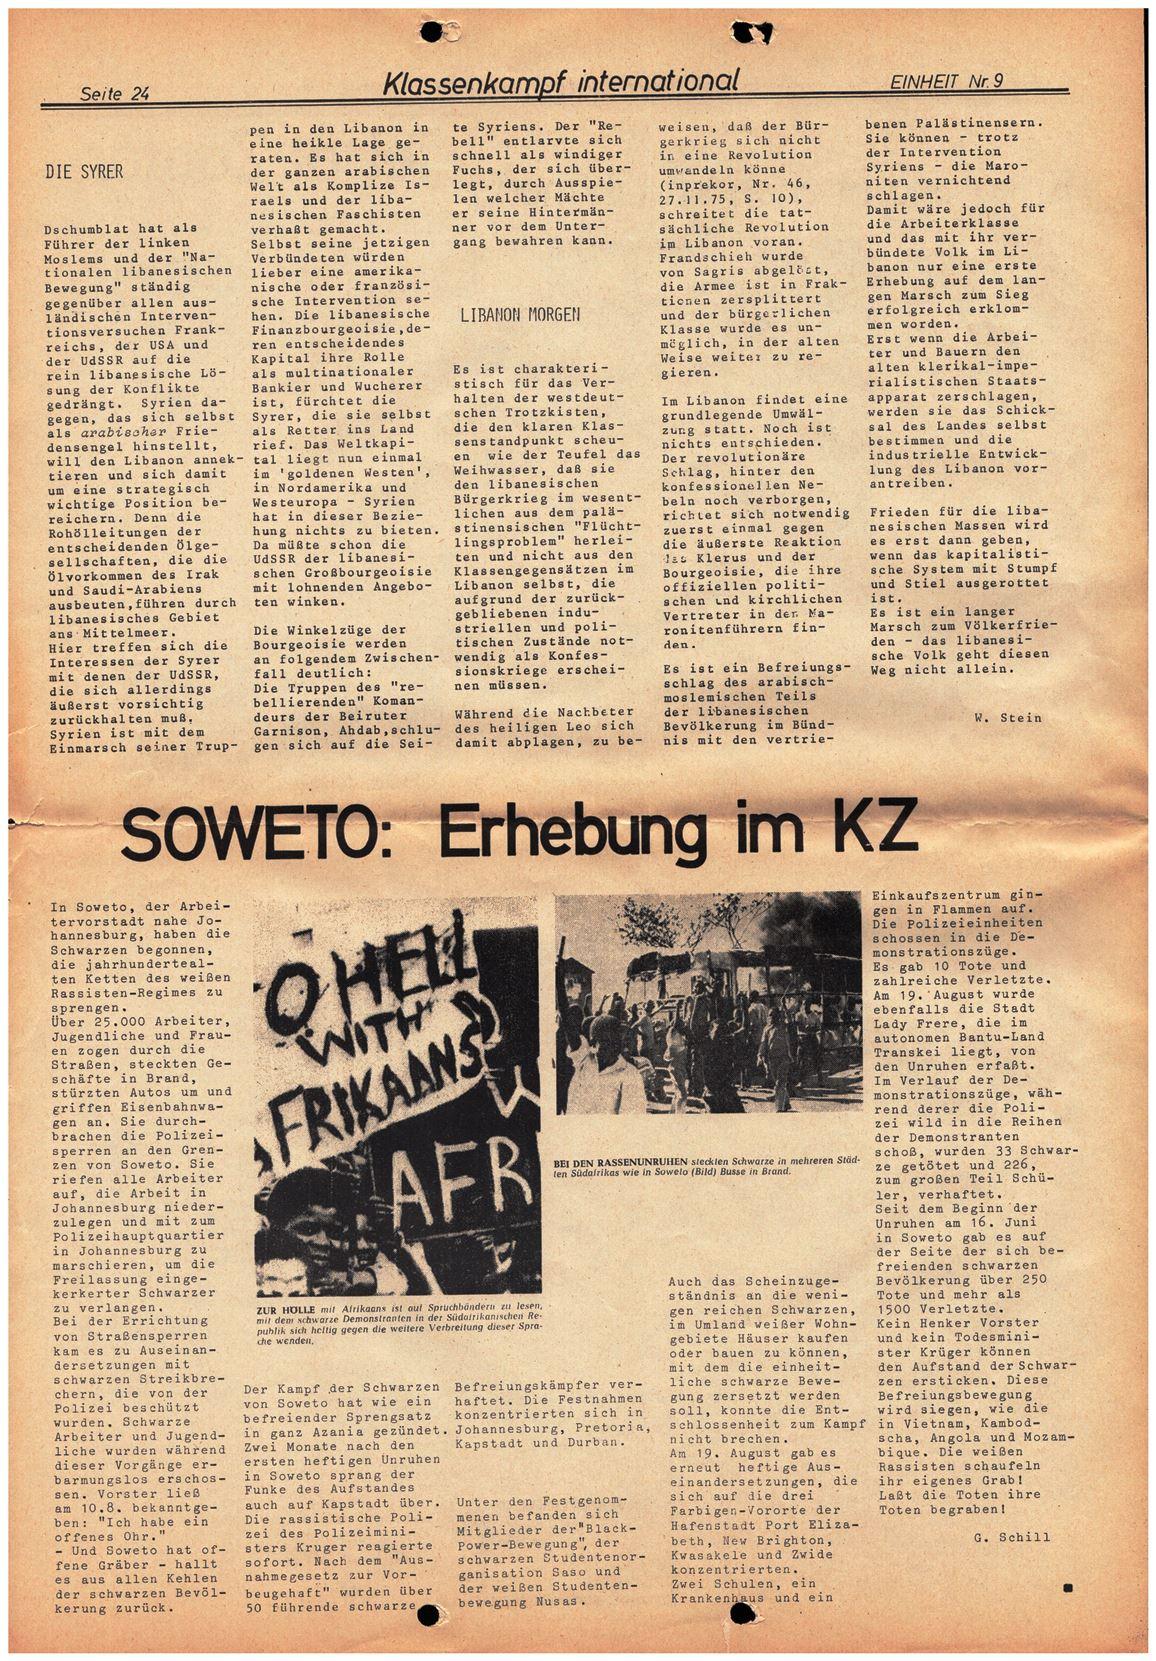 Koeln_IPdA_Einheit_1976_009_022